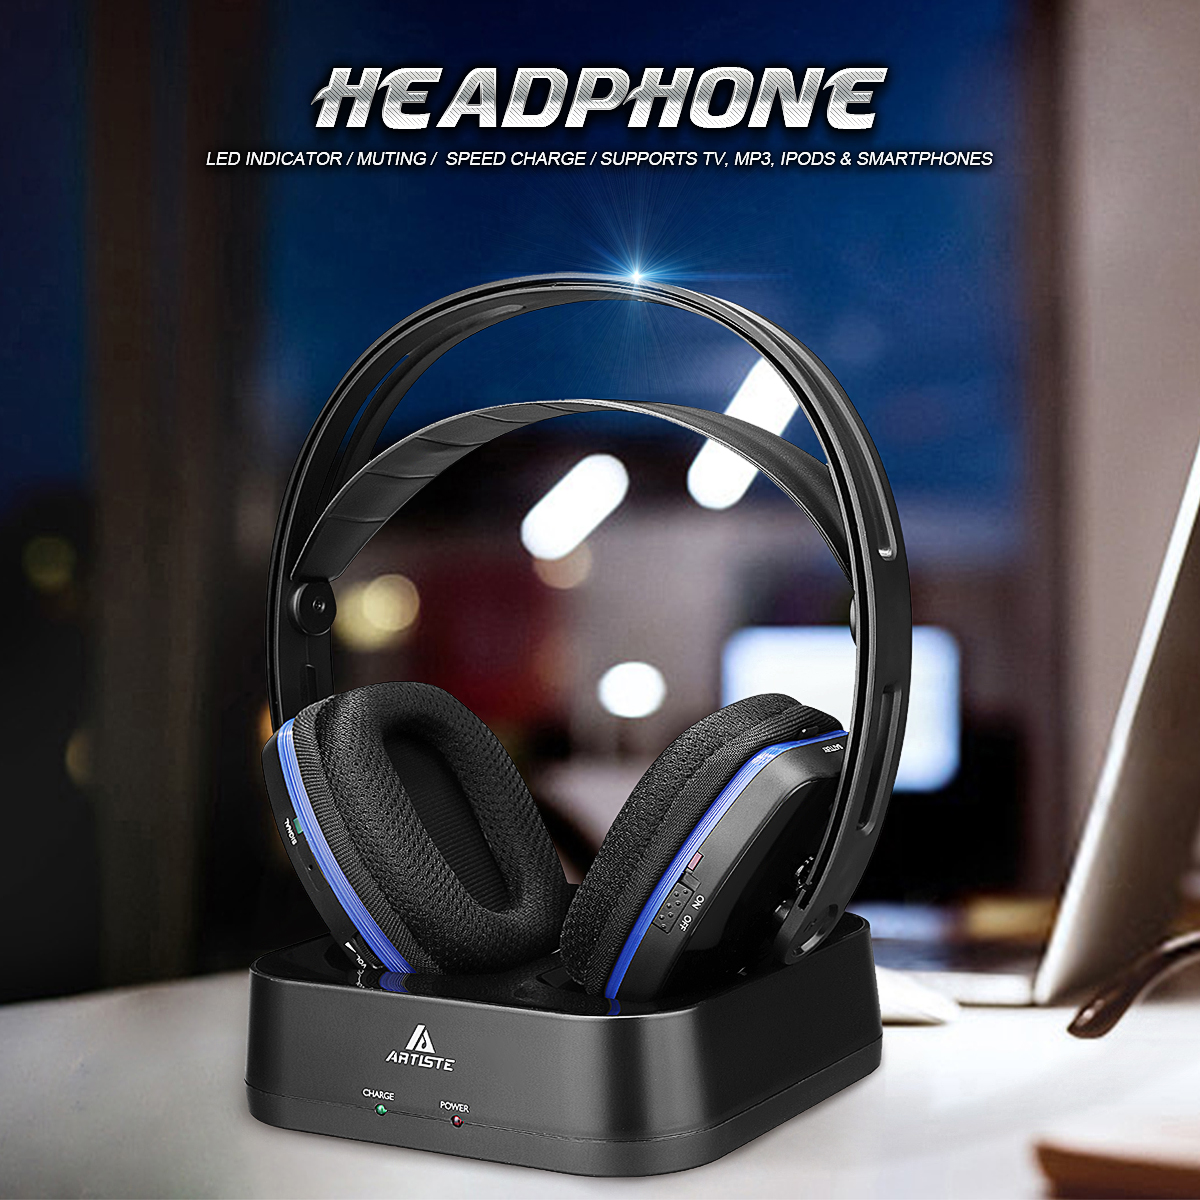 Artiste D2 2.4 GHz Fone De Ouvido Graves Profundos HiFi Bluetooth TV Fone De Ouvido Sem Fio com Transmissor Doca Para O Telefone Móvel Música